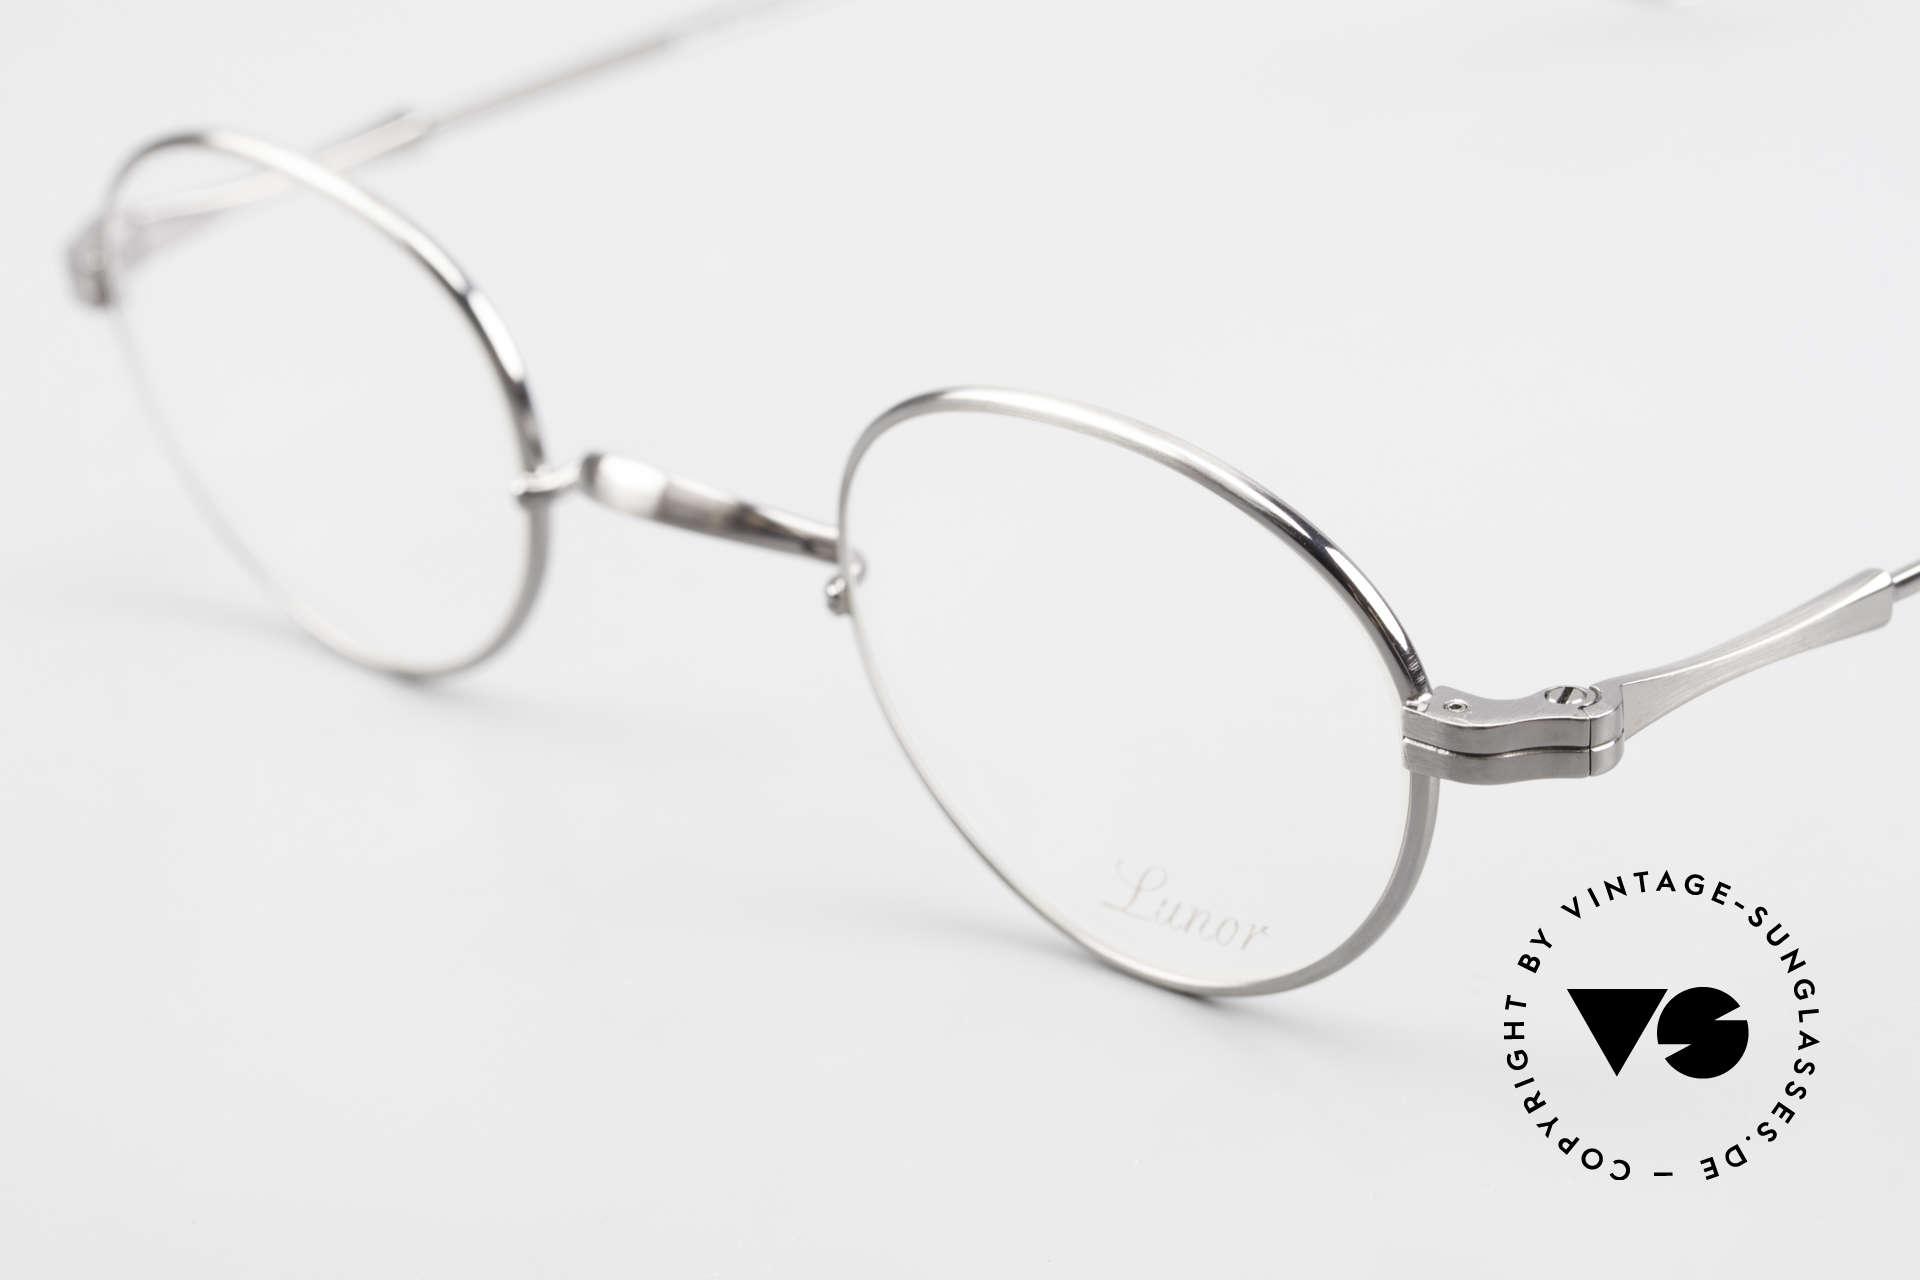 Lunor II 20 Lunor Brille Klein Unisex 90er, edel, stilvoll, zeitlos = ein wahres LUNOR ORIGINAL, Passend für Herren und Damen